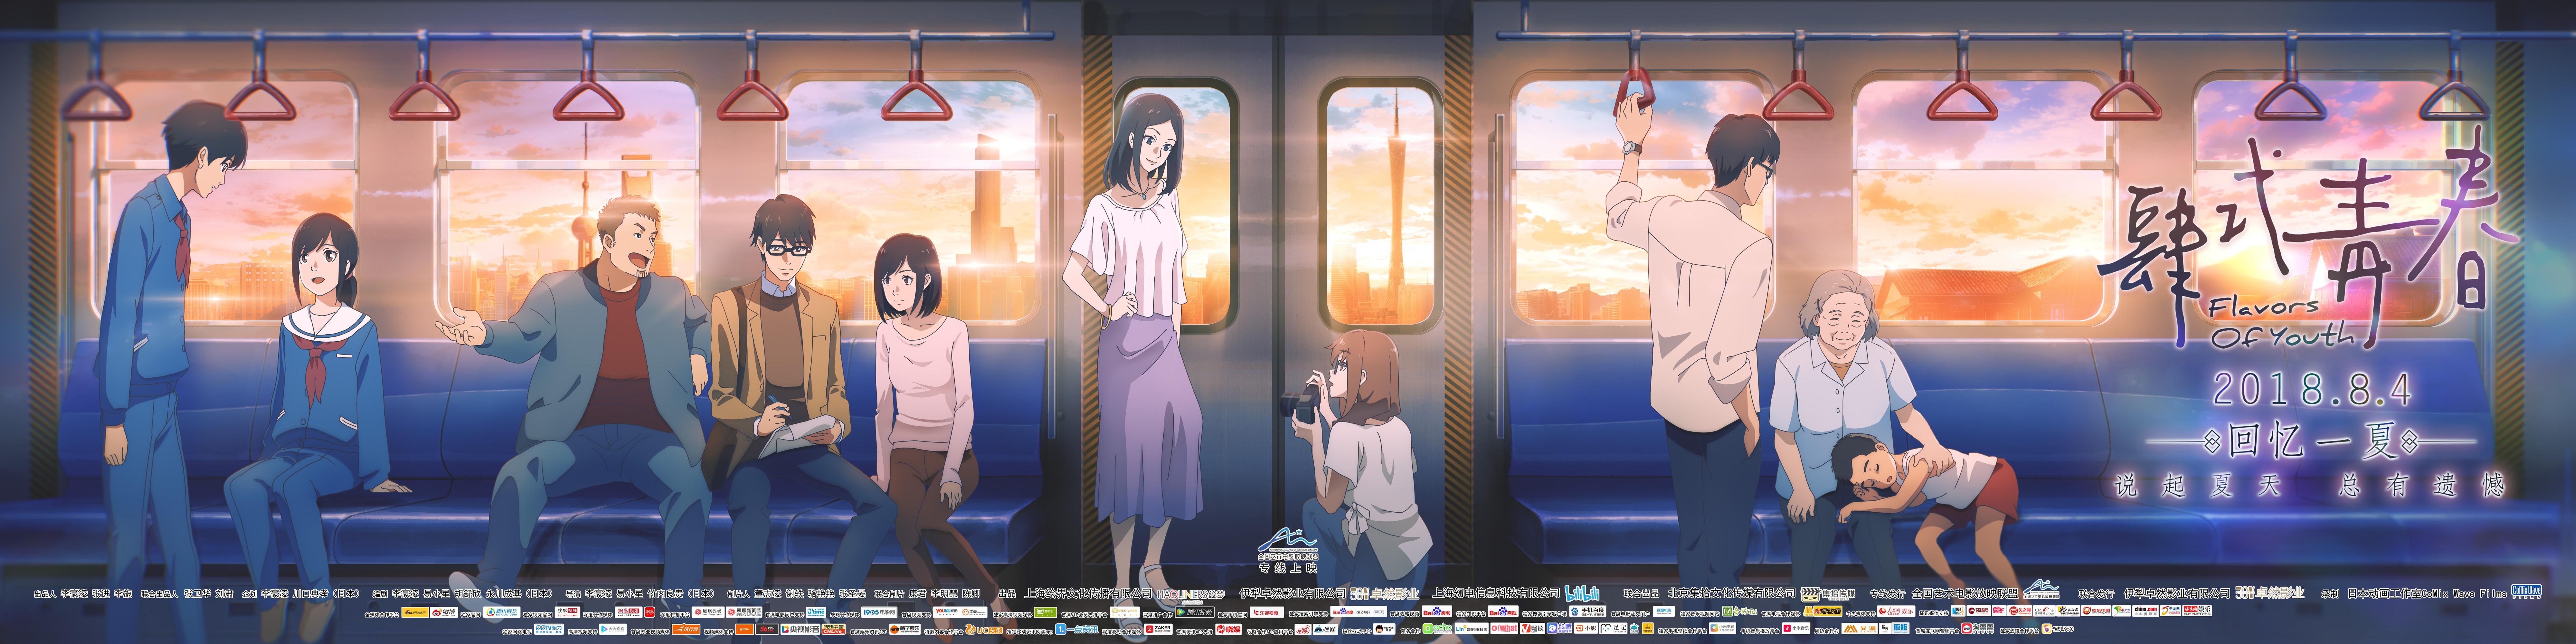 """《肆式青春》发终极海报预告 """"青春列车""""装载希望"""